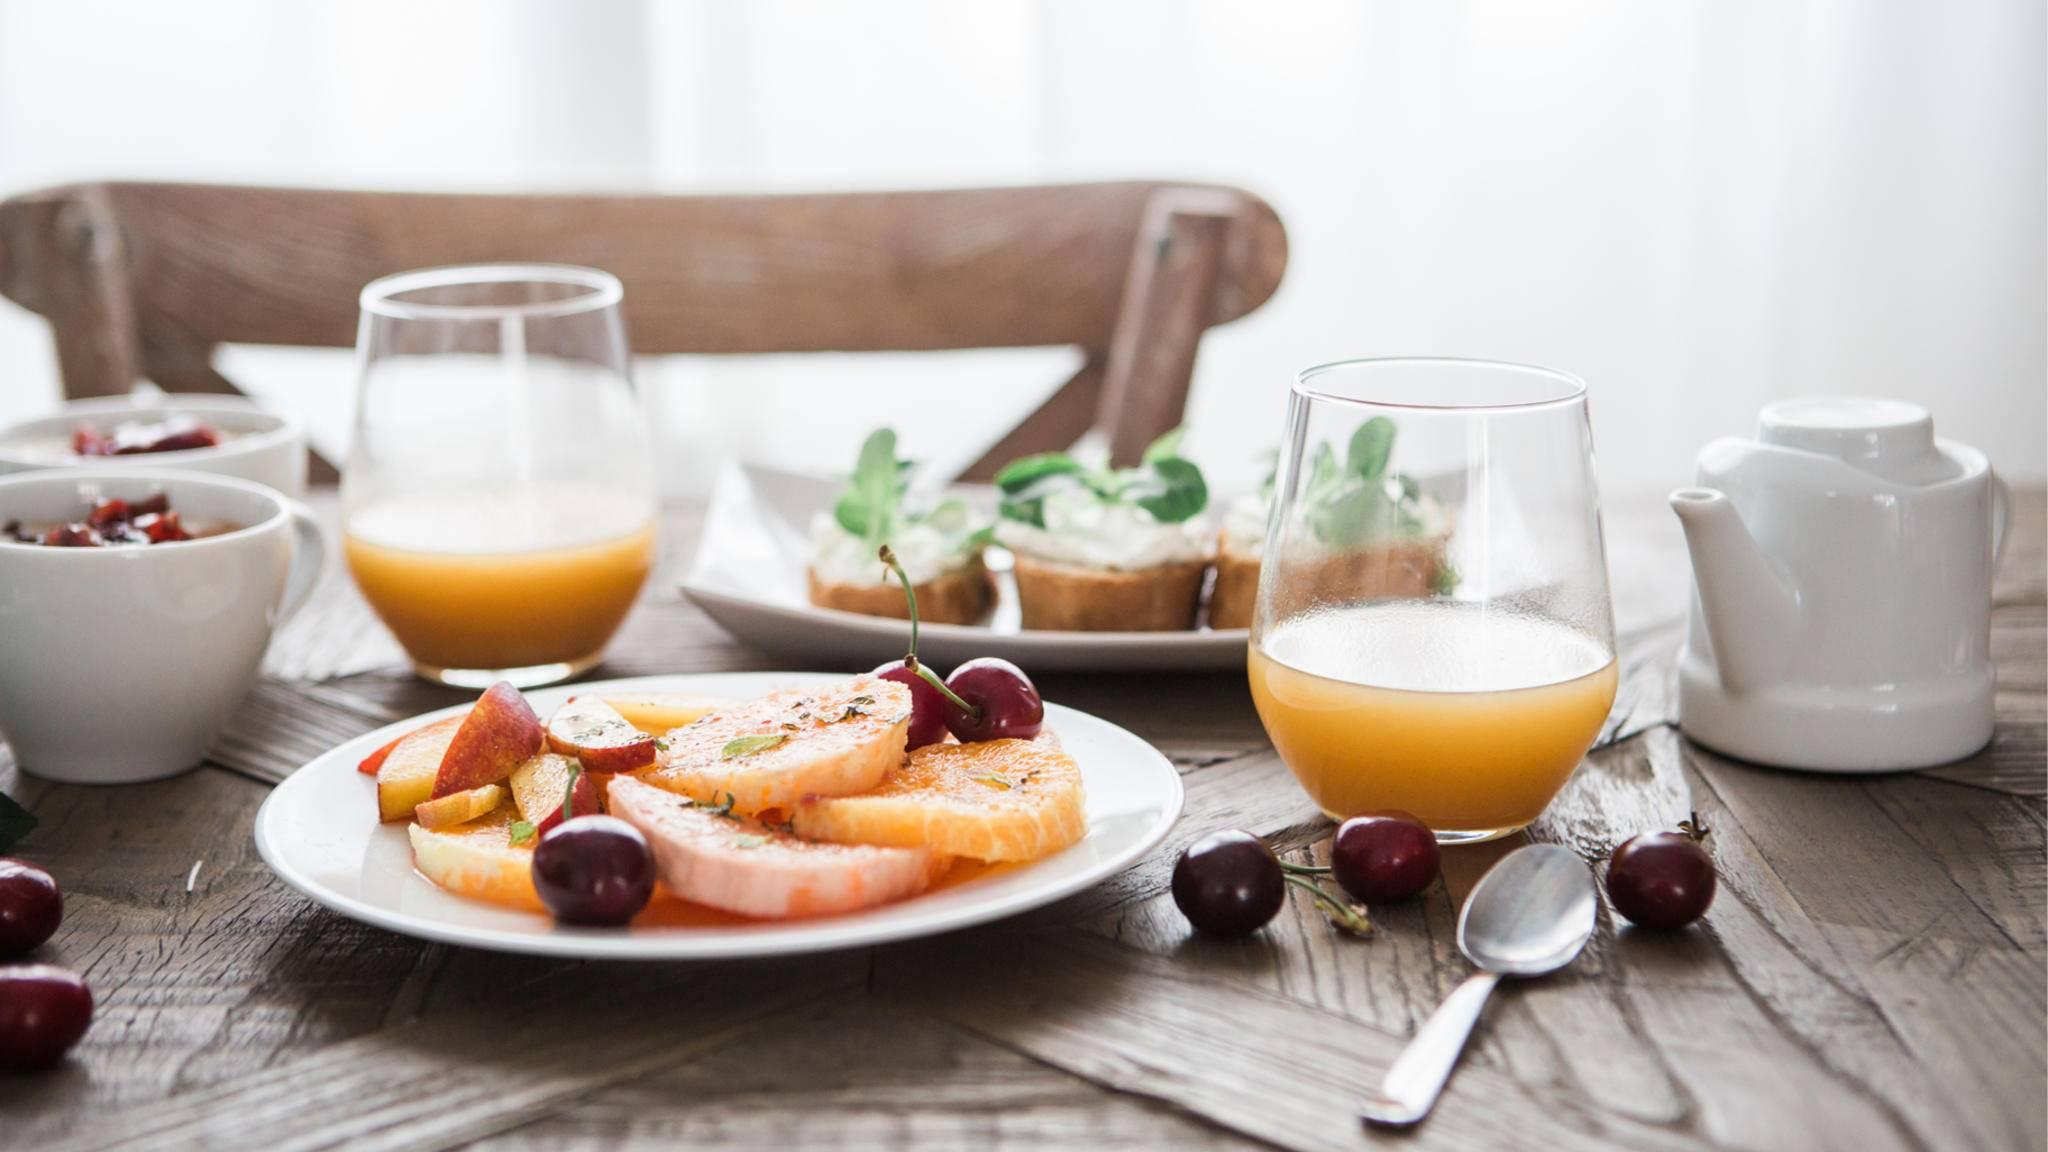 Auf diesem Frühstückstisch stehen auch Lebensmittel, die der Diät nicht zuträglich sind.